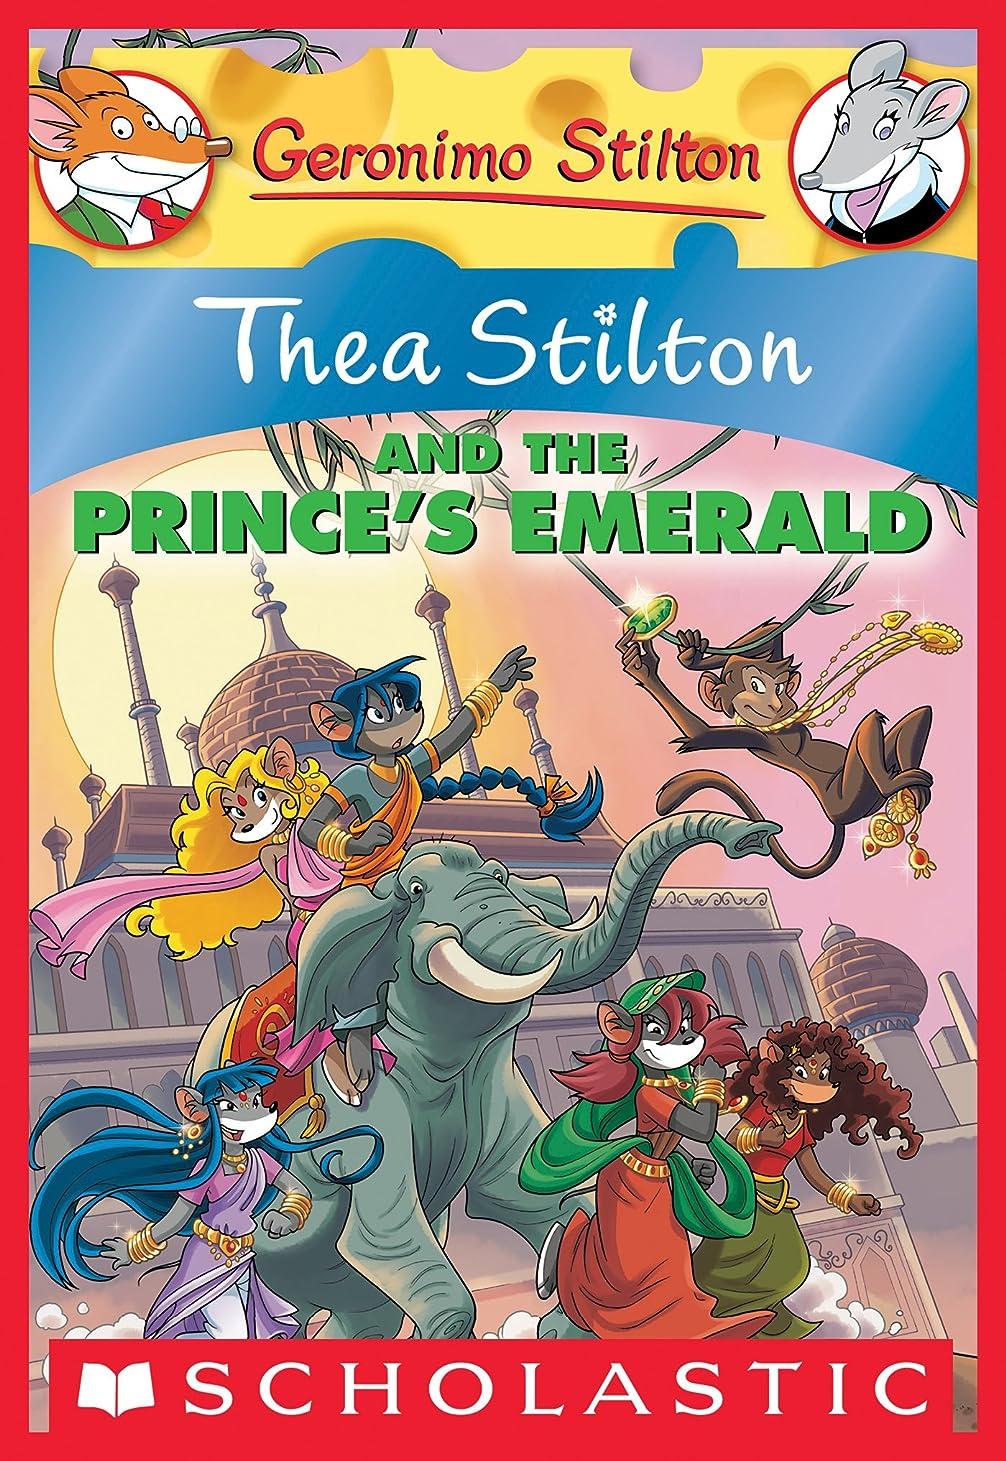 暗い改革一晩Thea Stilton and the Prince's Emerald (Thea Stilton Graphic Novels Book 12) (English Edition)